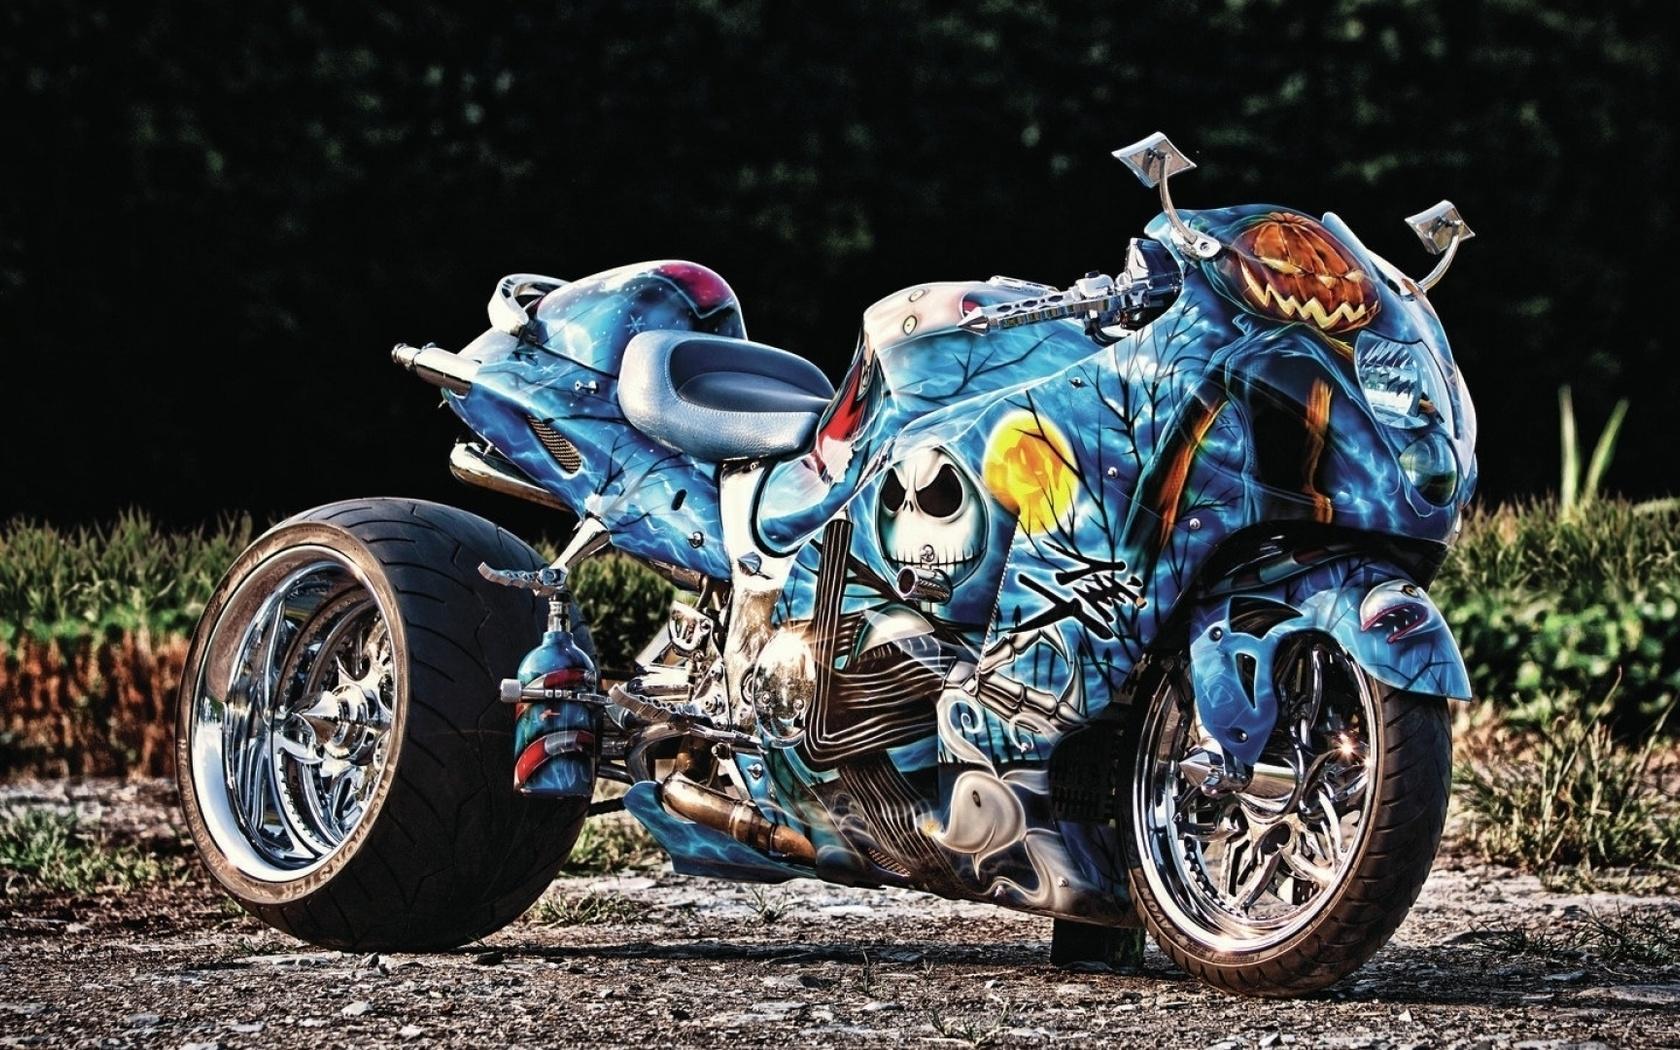 супруг расценил картинки крутых тачек и мотоциклов крайне ядовитый